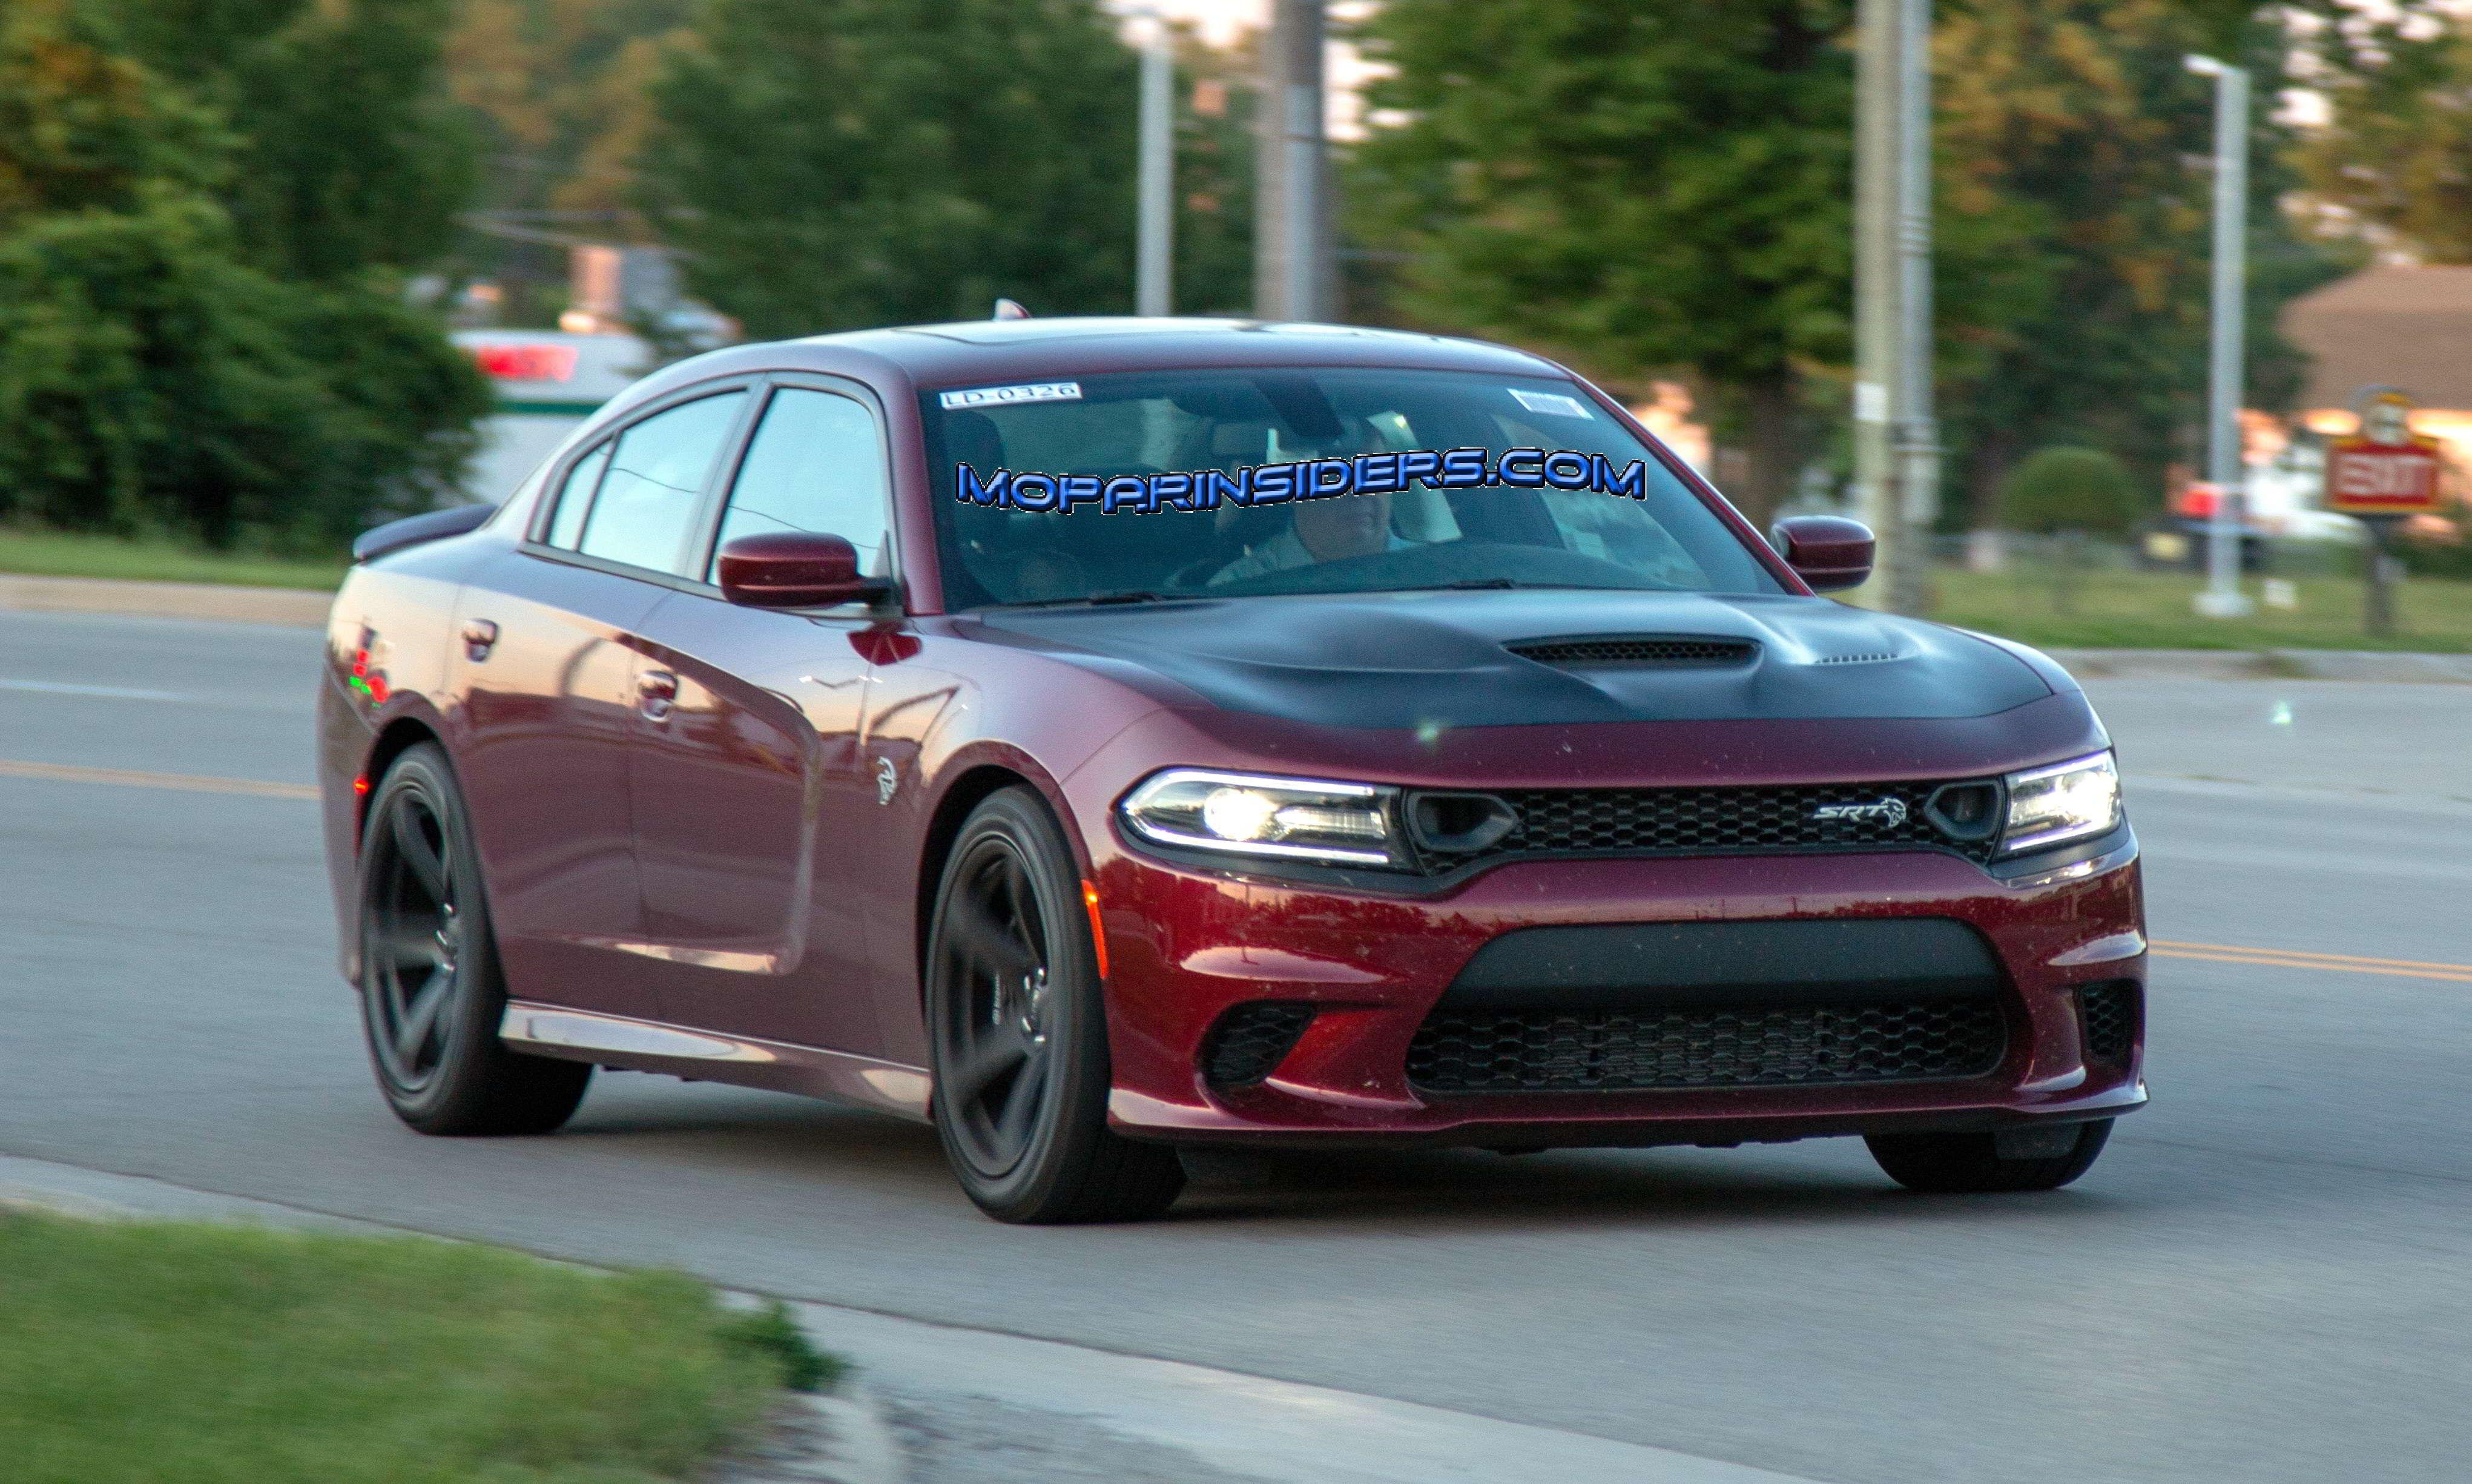 2019 Dodge Charger Srt8 Hellcat | Dodge charger srt8 ...